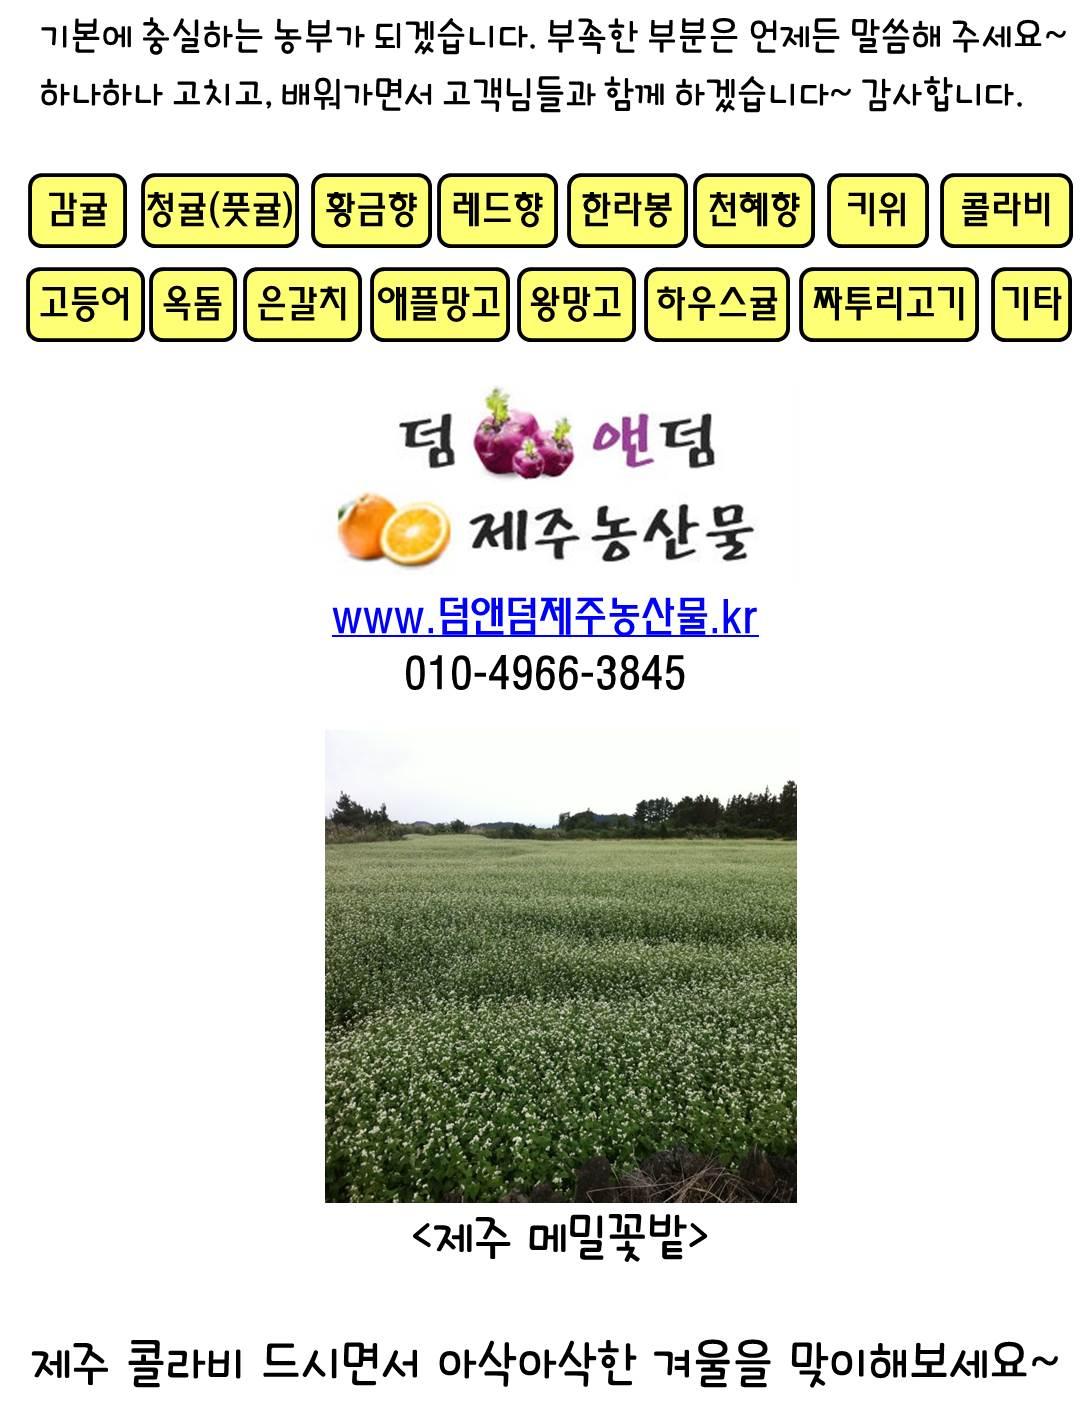 613f828d61fefba6711038eaf88c64c0.jpg